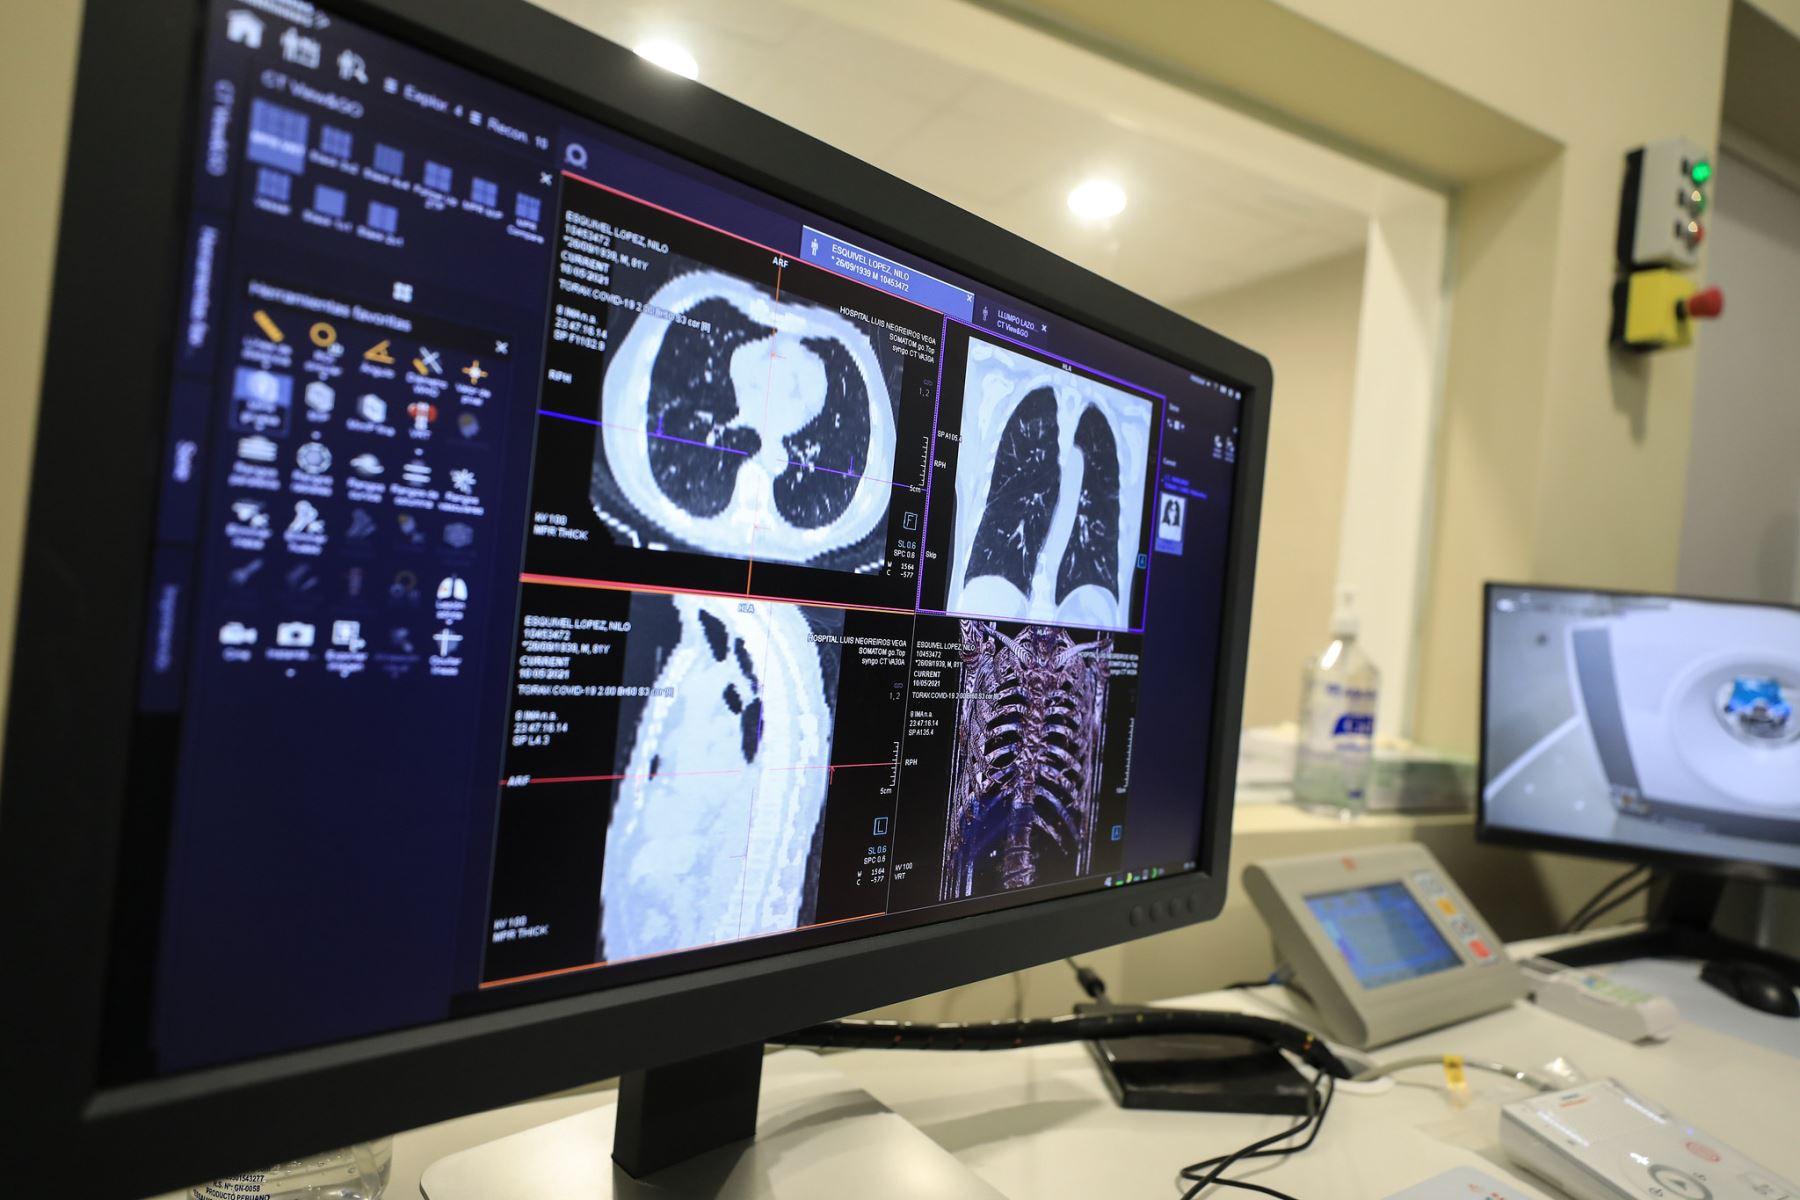 La presidenta ejecutiva de EsSalud, Fiorella Molinelli, participó en la puesta en marcha de camas UCI, tomógrafo y una planta generadora de oxigeno en Hospital Negreiros. Foto: ANDINA/Essalud